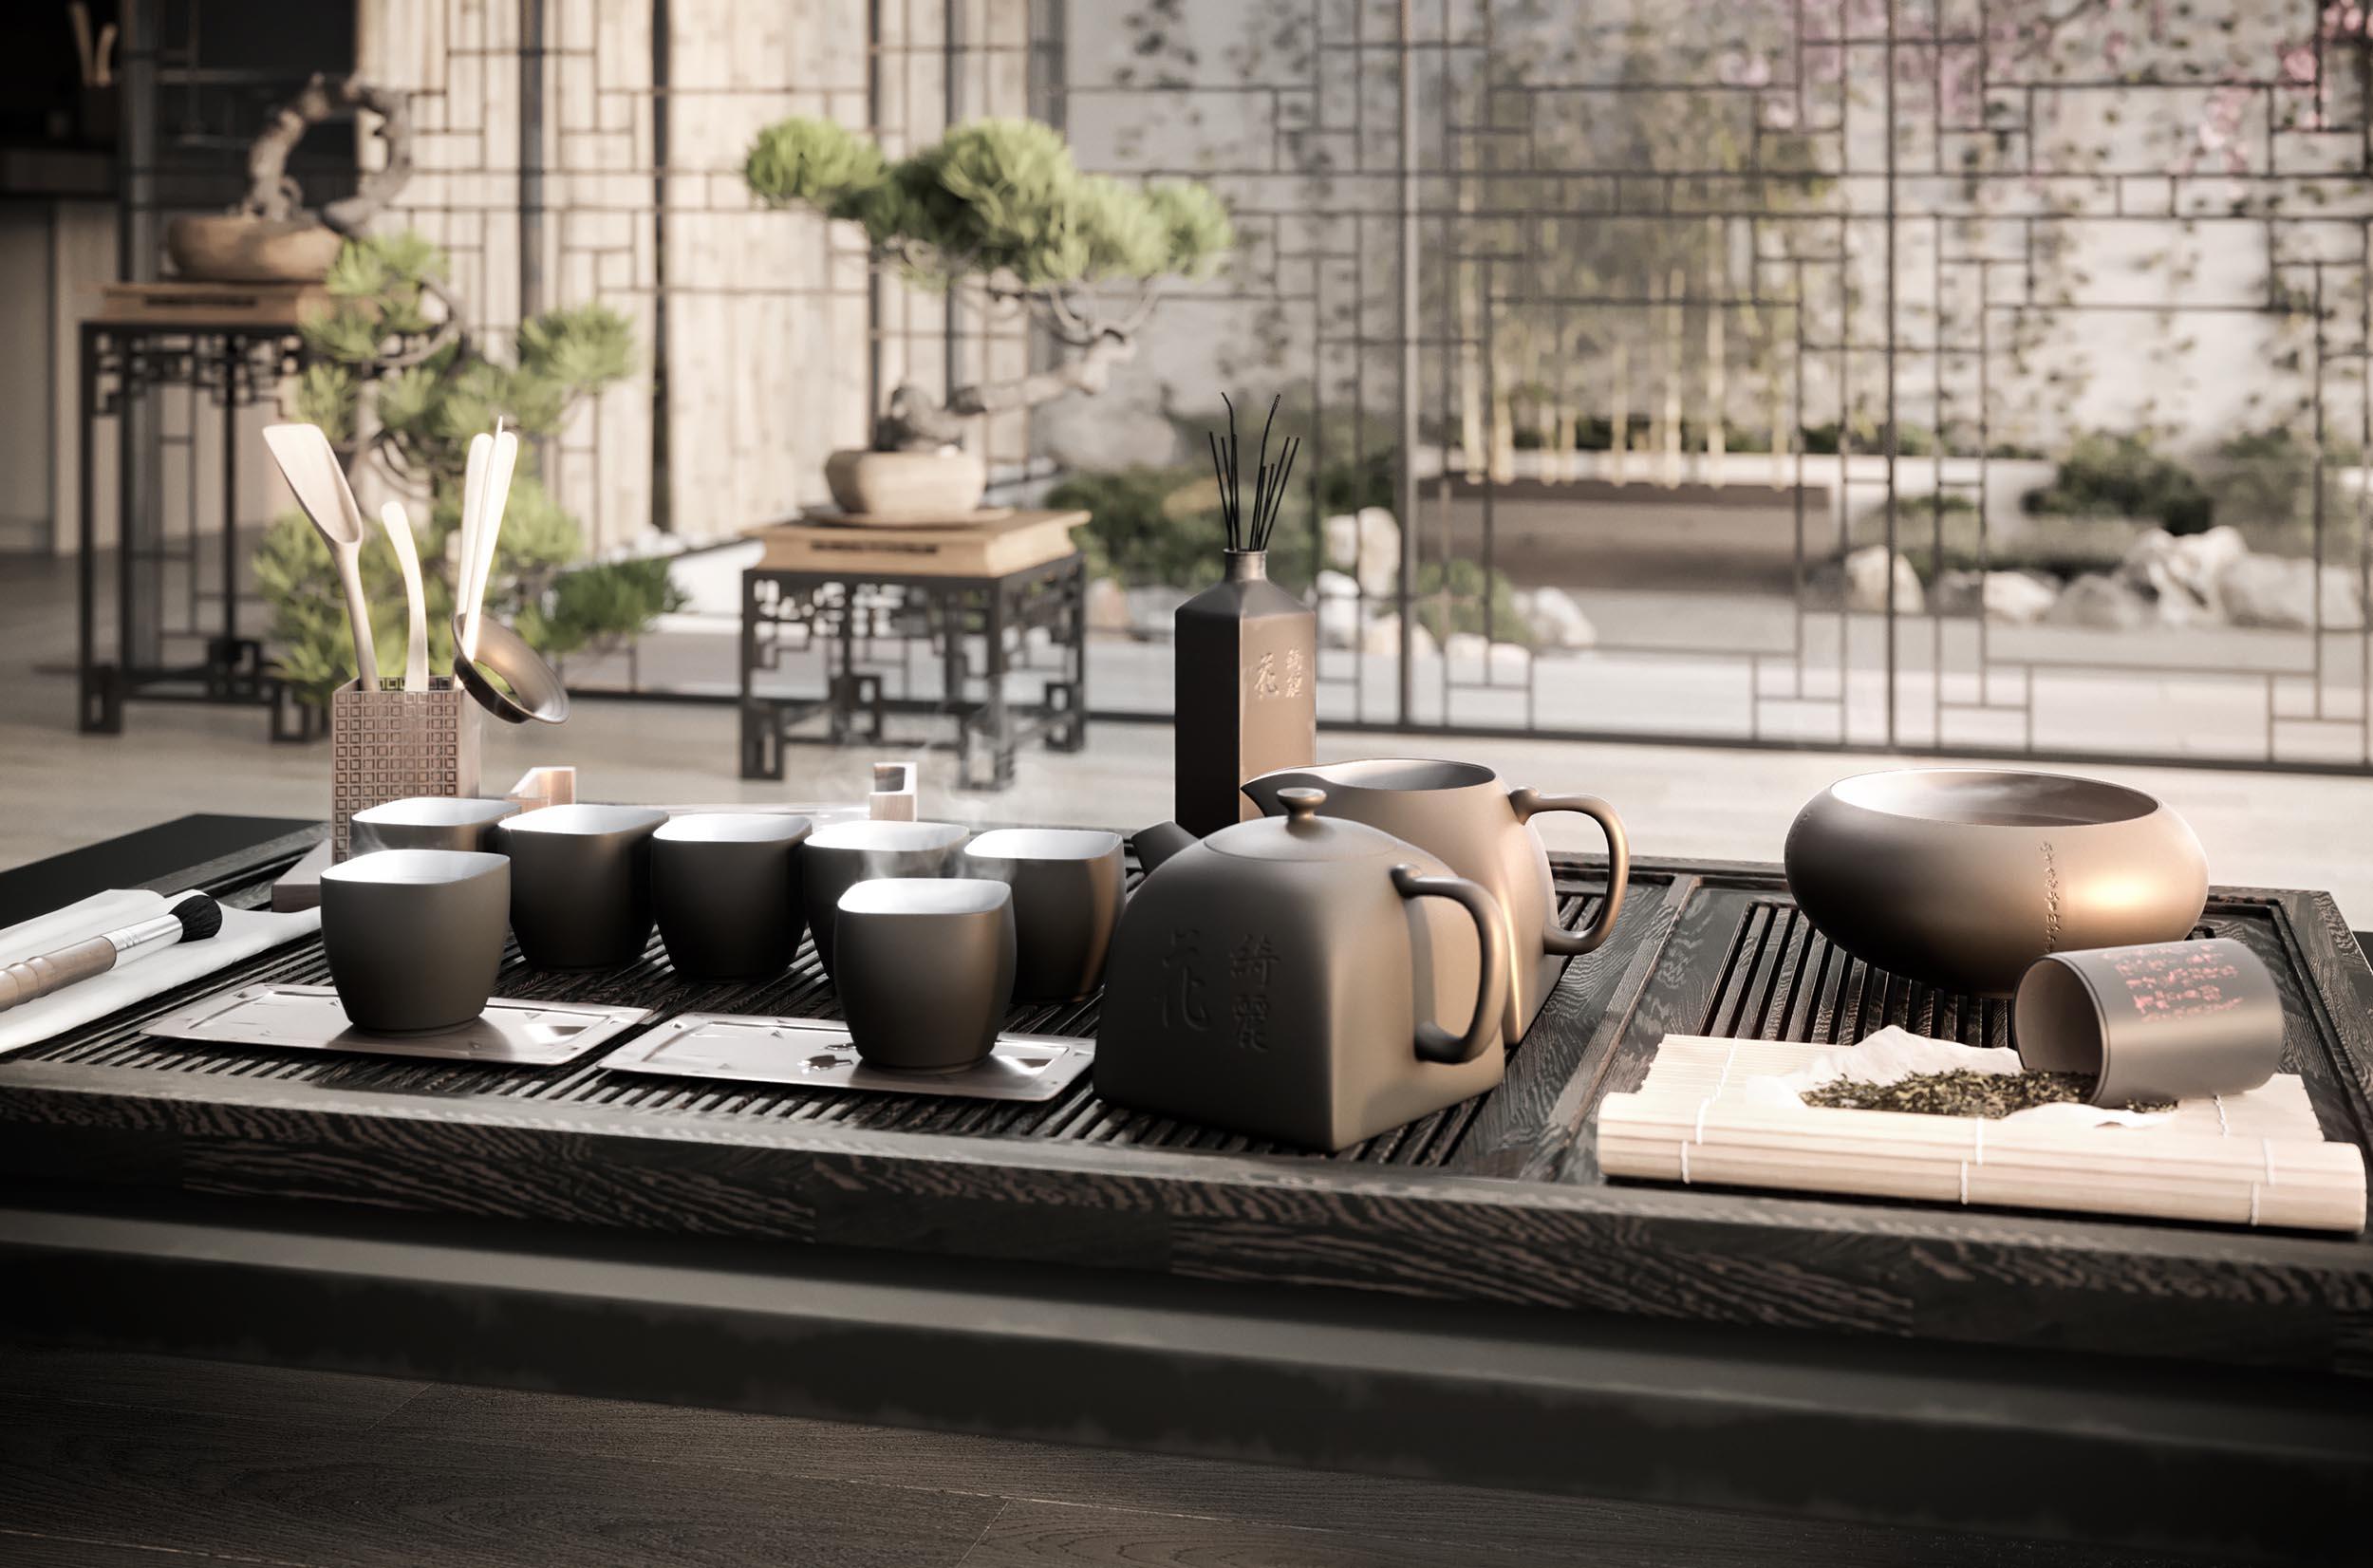 Korean tea time_visualised_created by Ke